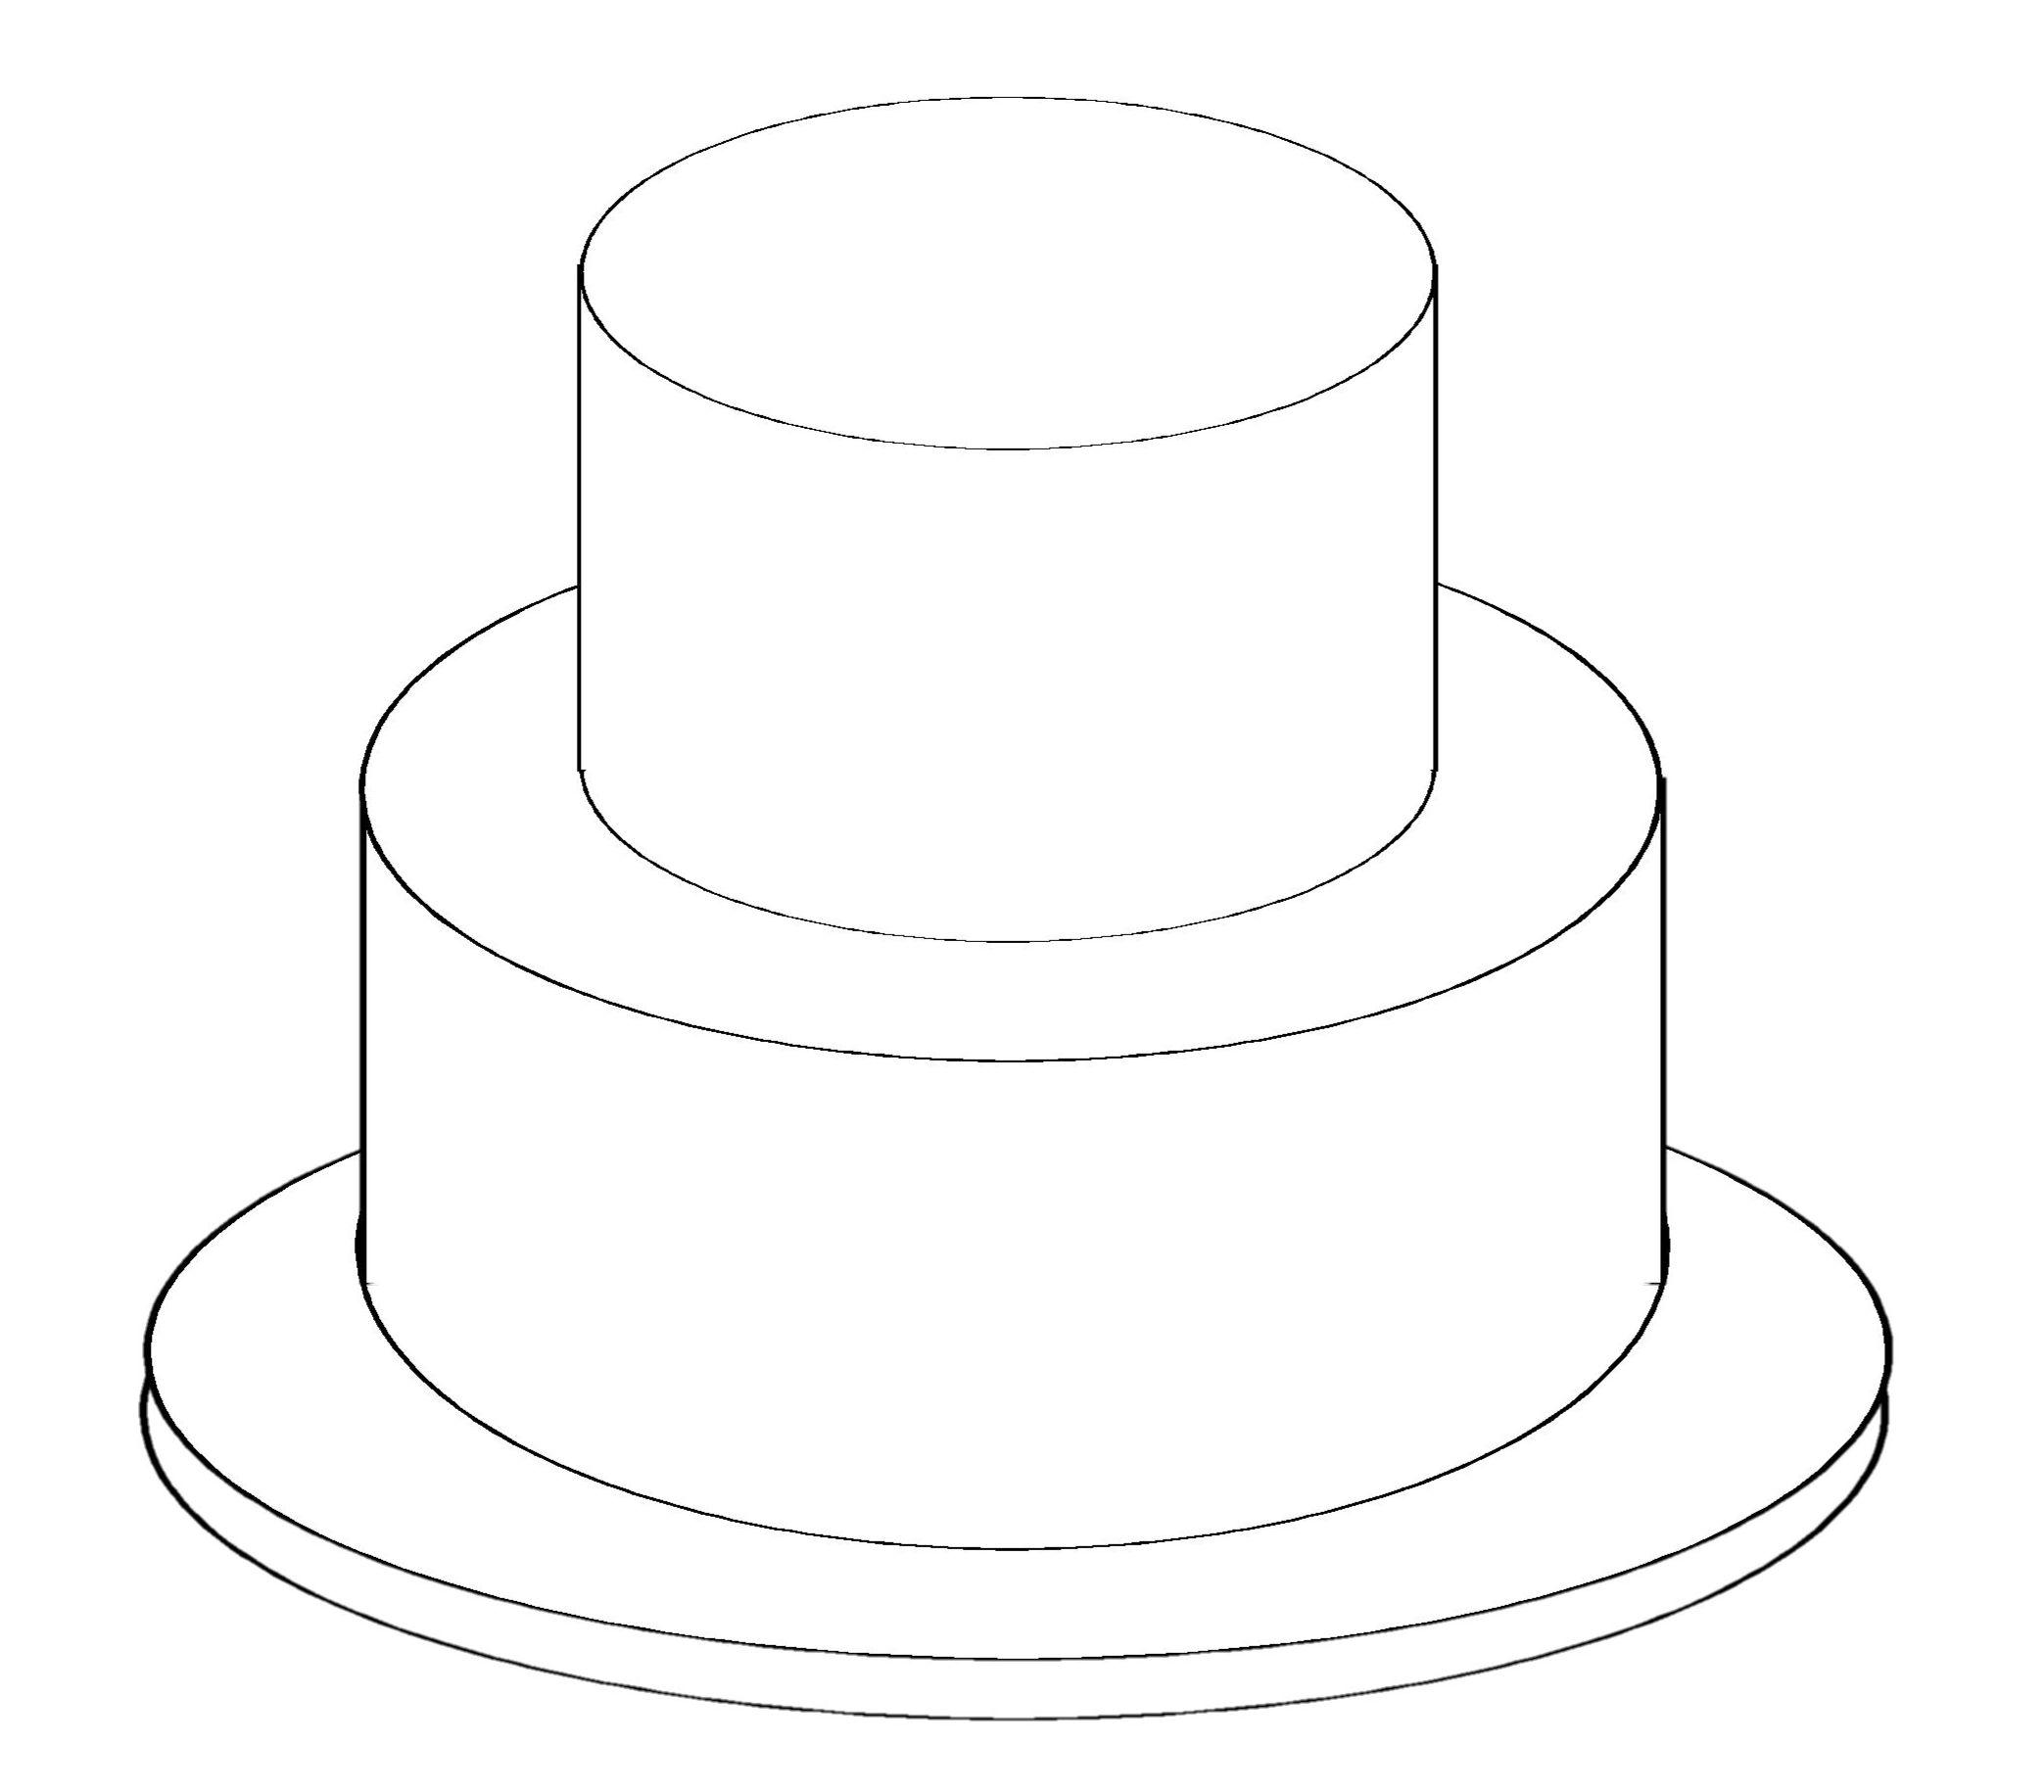 рисунок торта на день рождения поэтапно карандашом